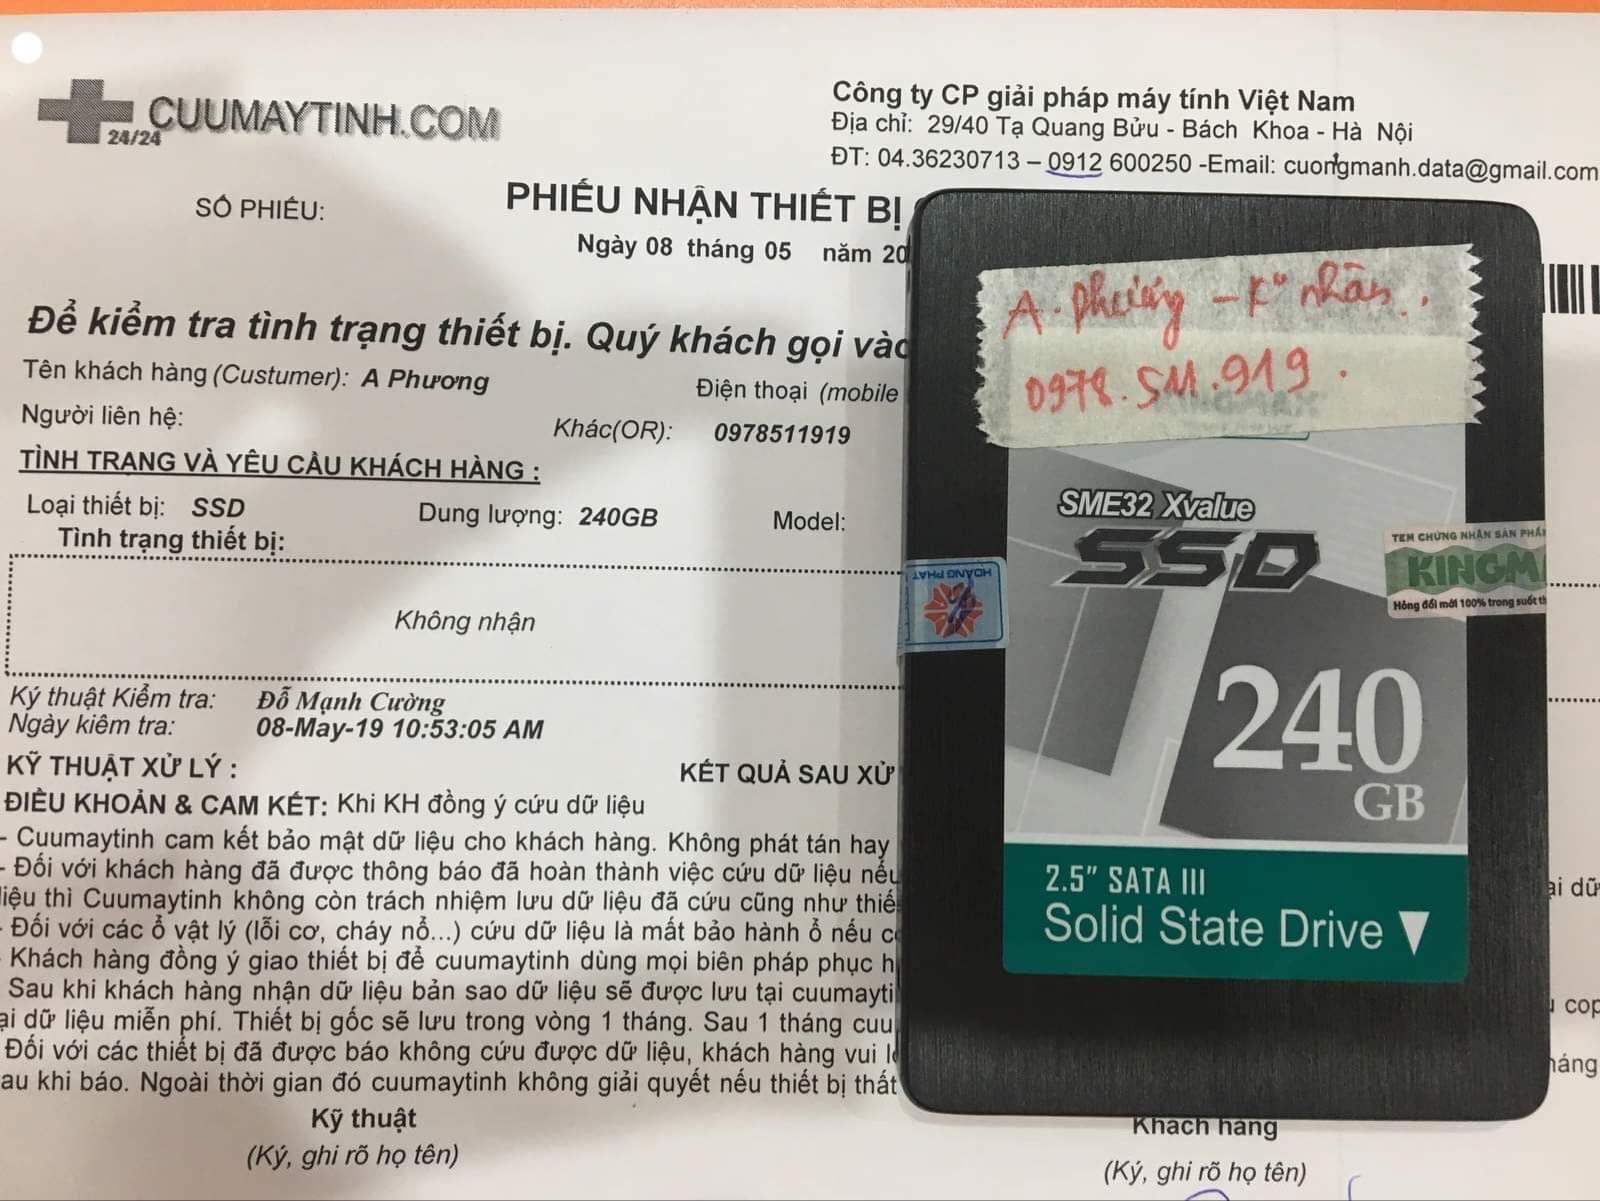 Cứu dữ liệu ổ cứng SSD 240GB không nhận 08/05/2019 - cuumaytinh